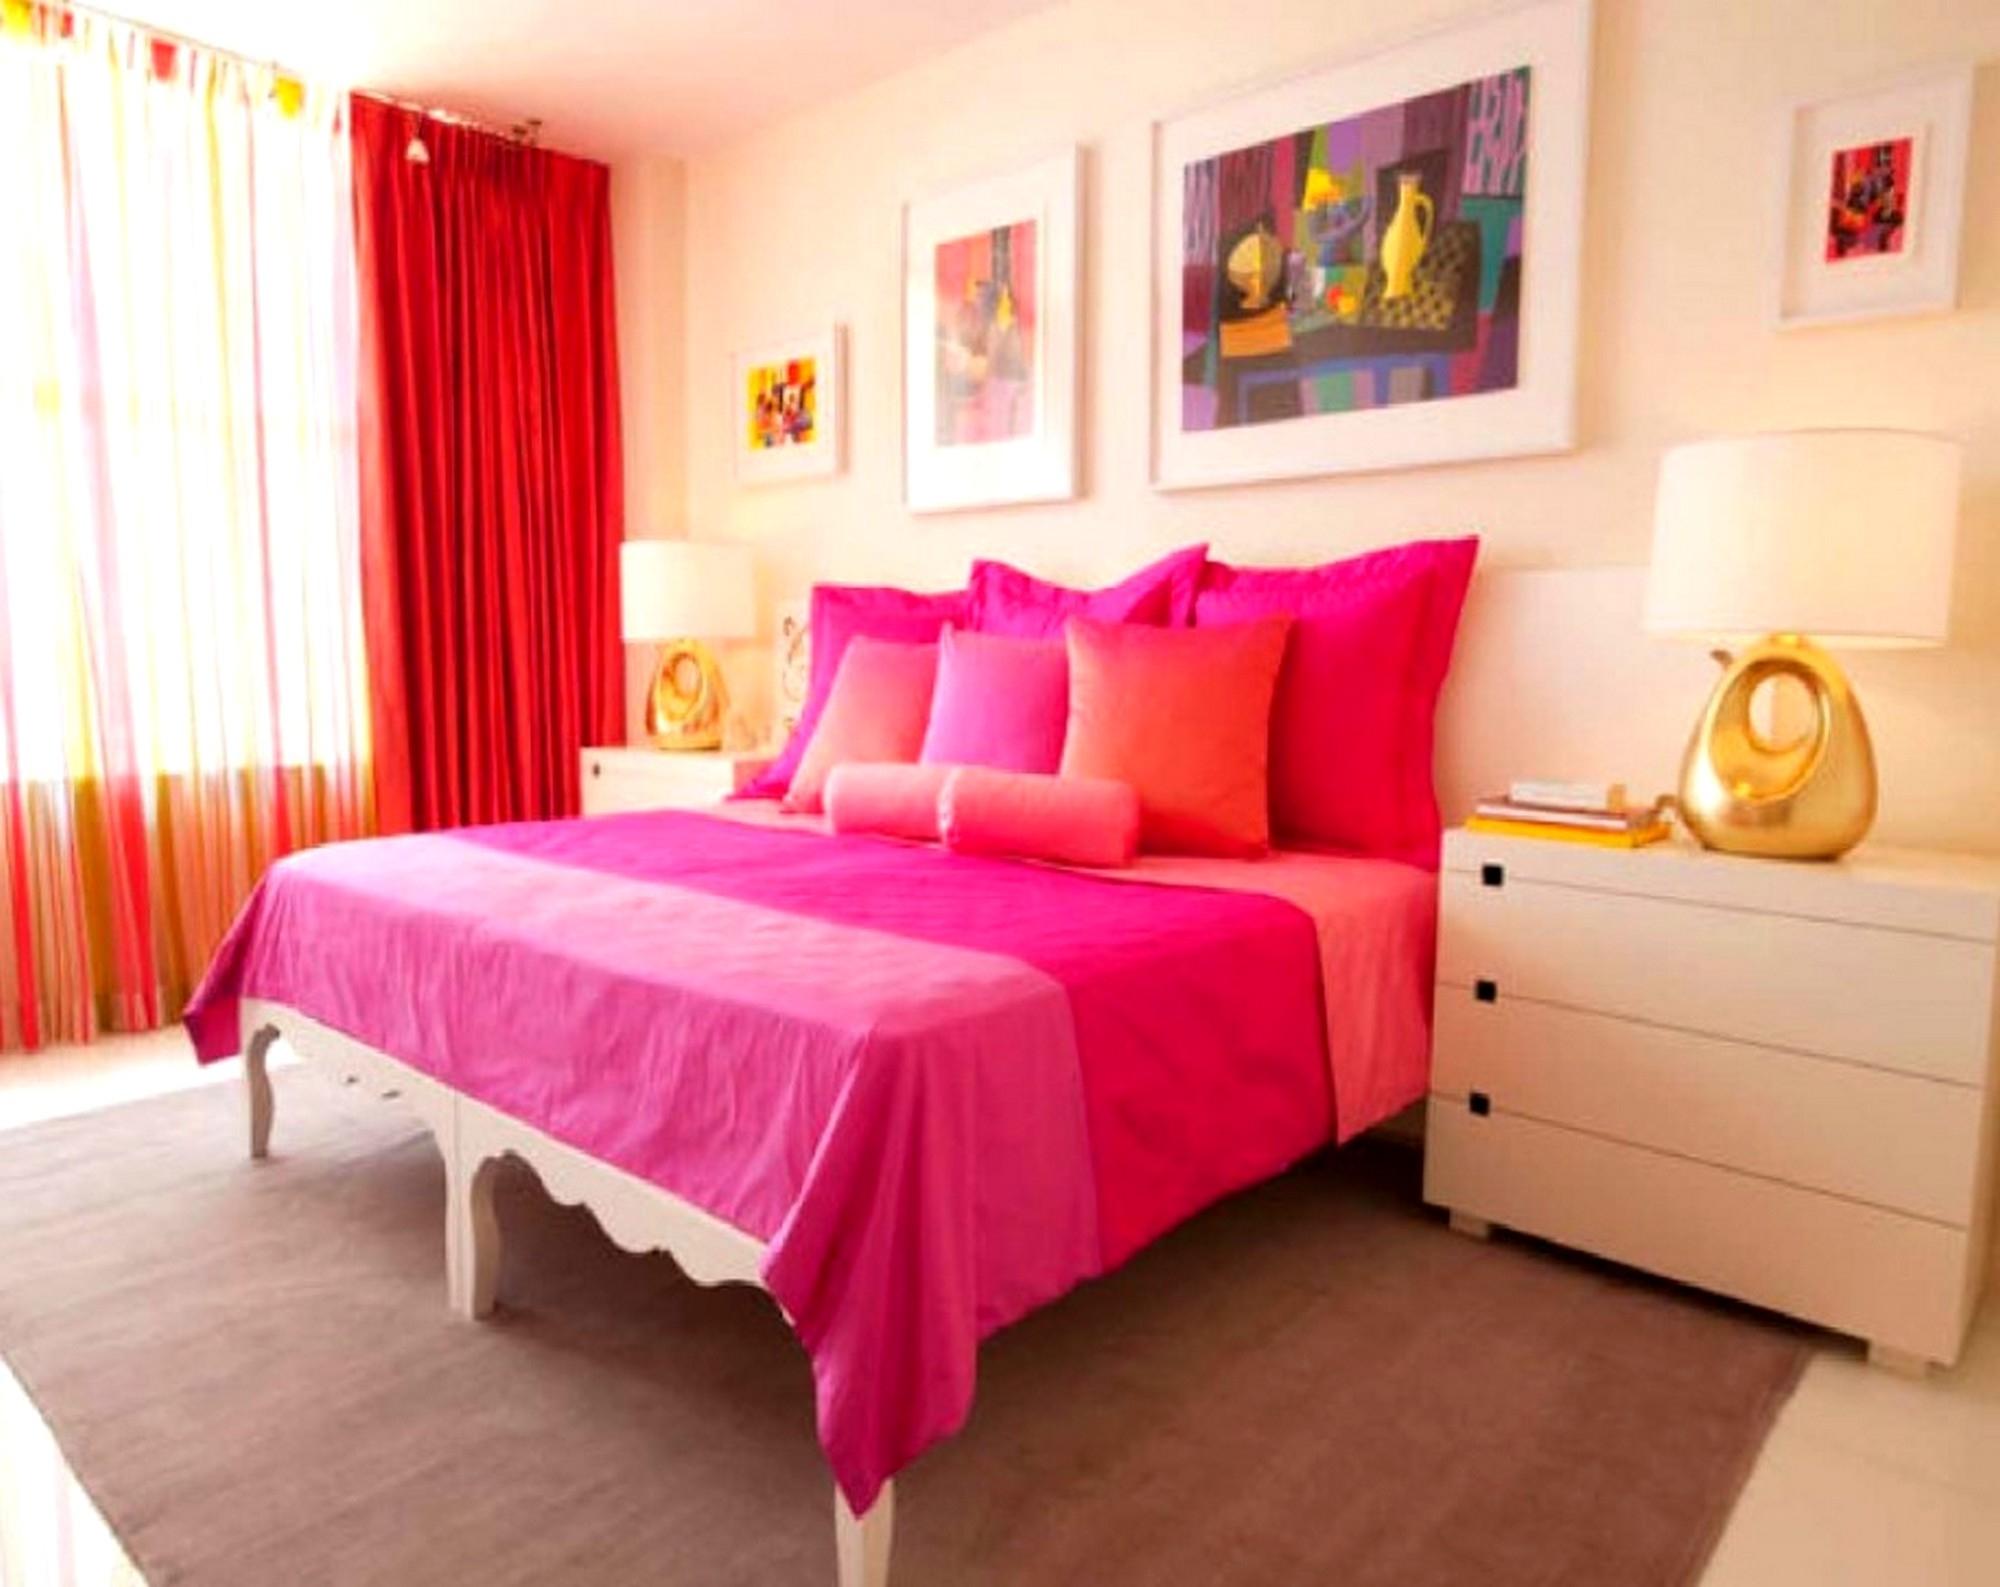 Soveværelsesdesign til voksne Blå soveværelsesidéer for voksne Toscanske soveværelsesidéer til voksne - Idéer til boligindretning - Interiørbilleder